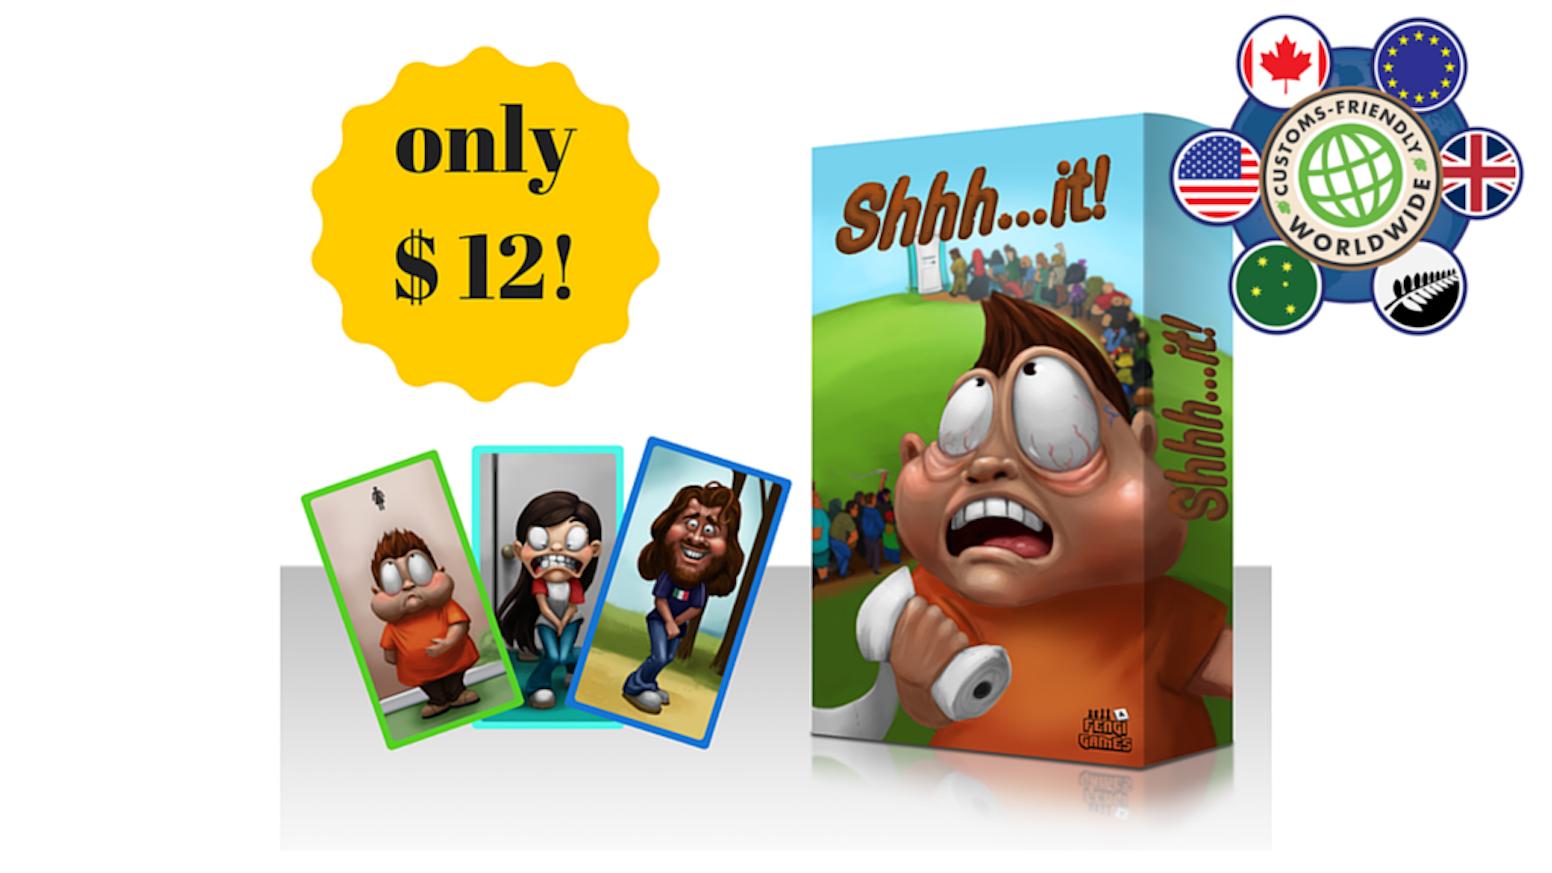 shhhit the foolish card gamefengi games — kickstarter